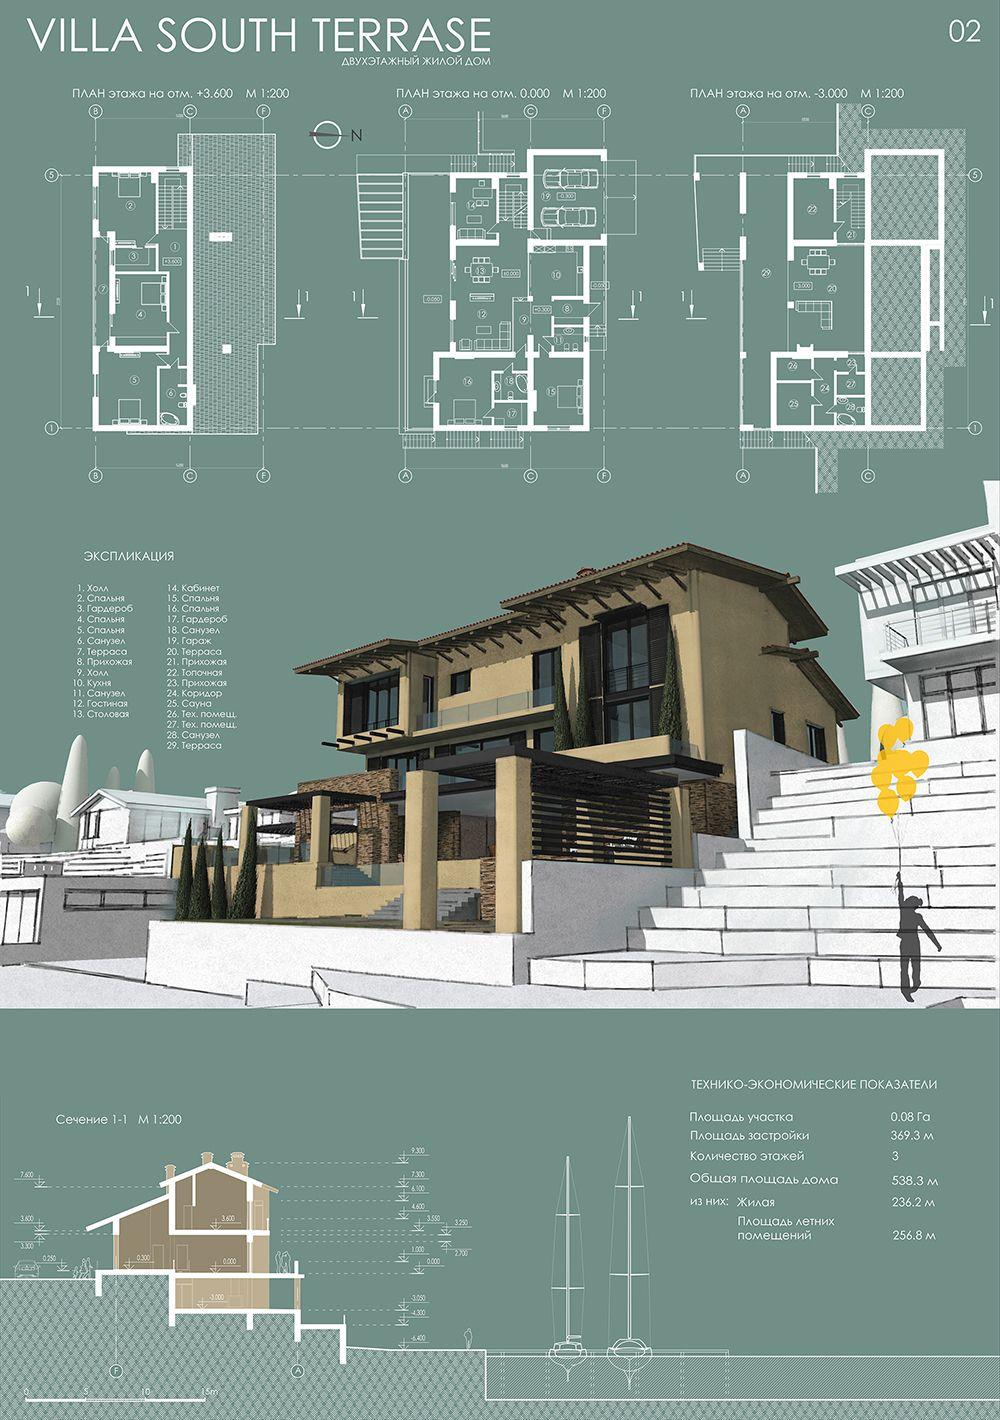 Villa South terrase | grafica piante e spaccati 3d | Pinterest ...